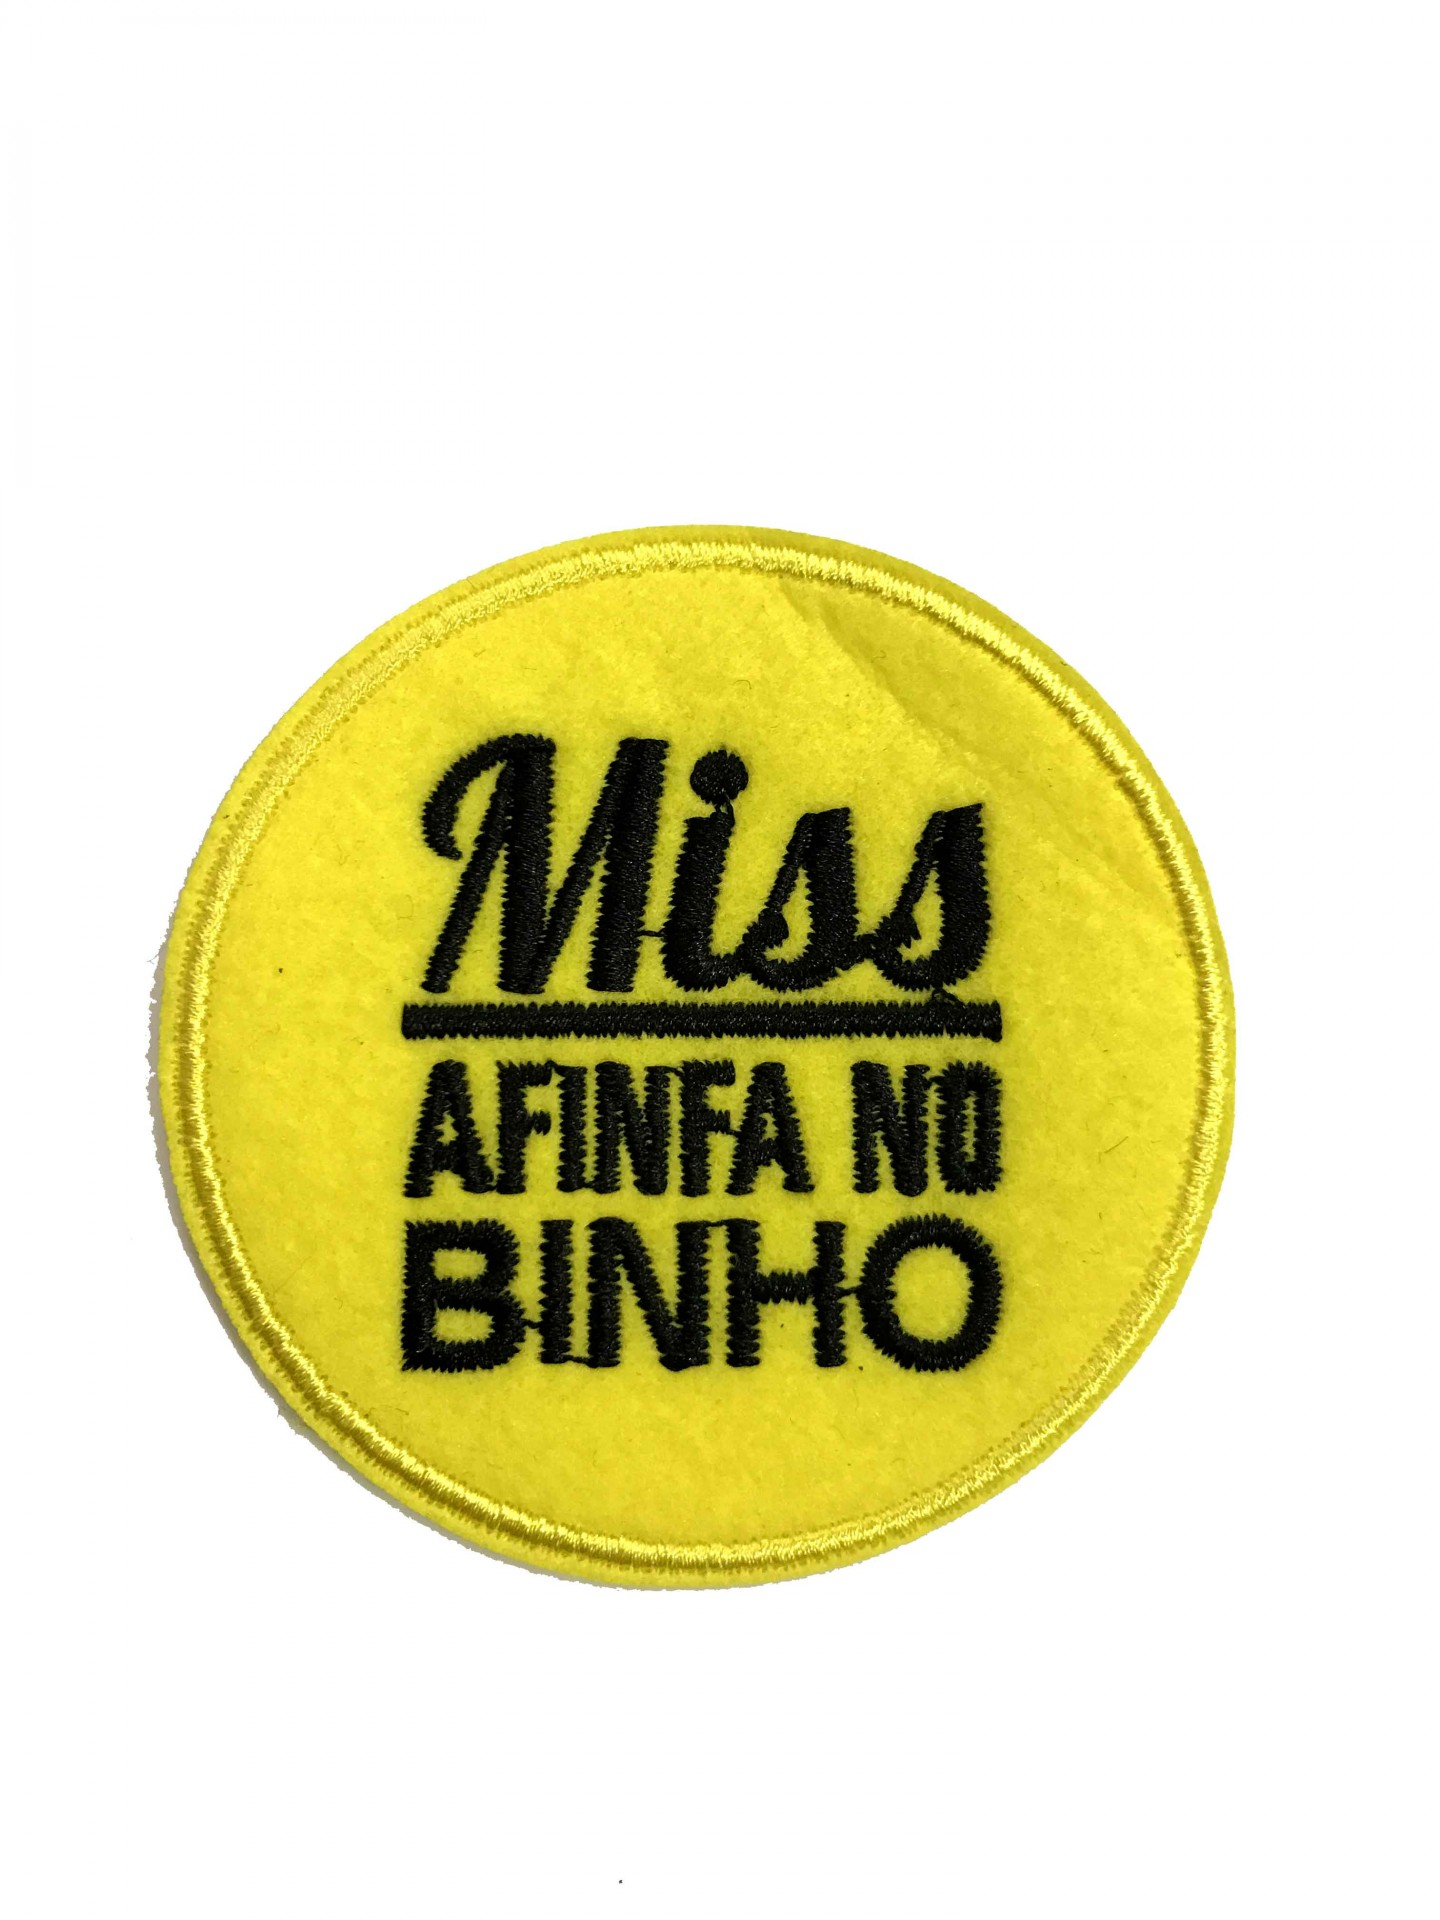 Emblema Miss afinfa no vinho